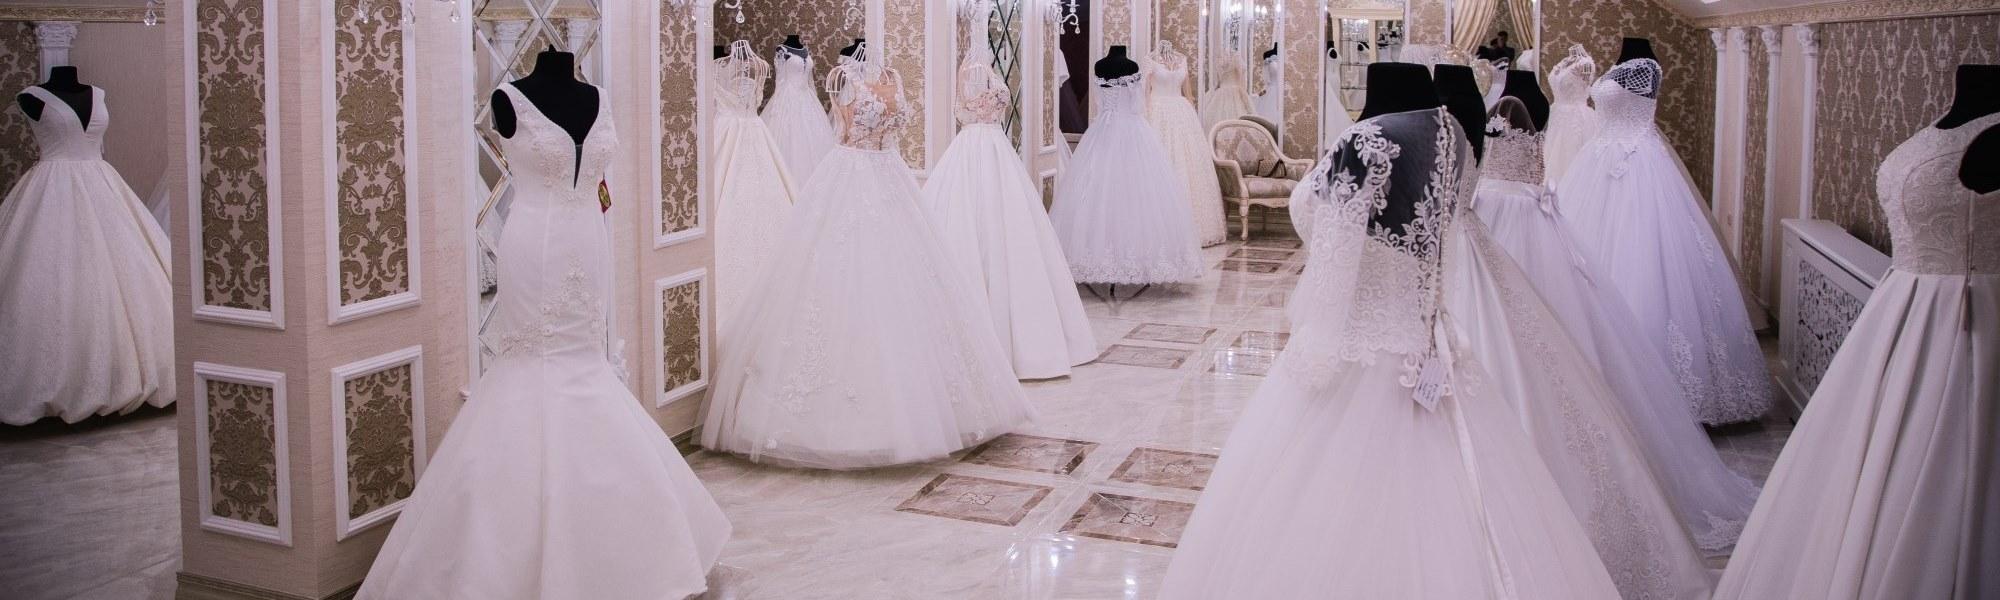 Весільний салон Versale fe3612cdb62fb